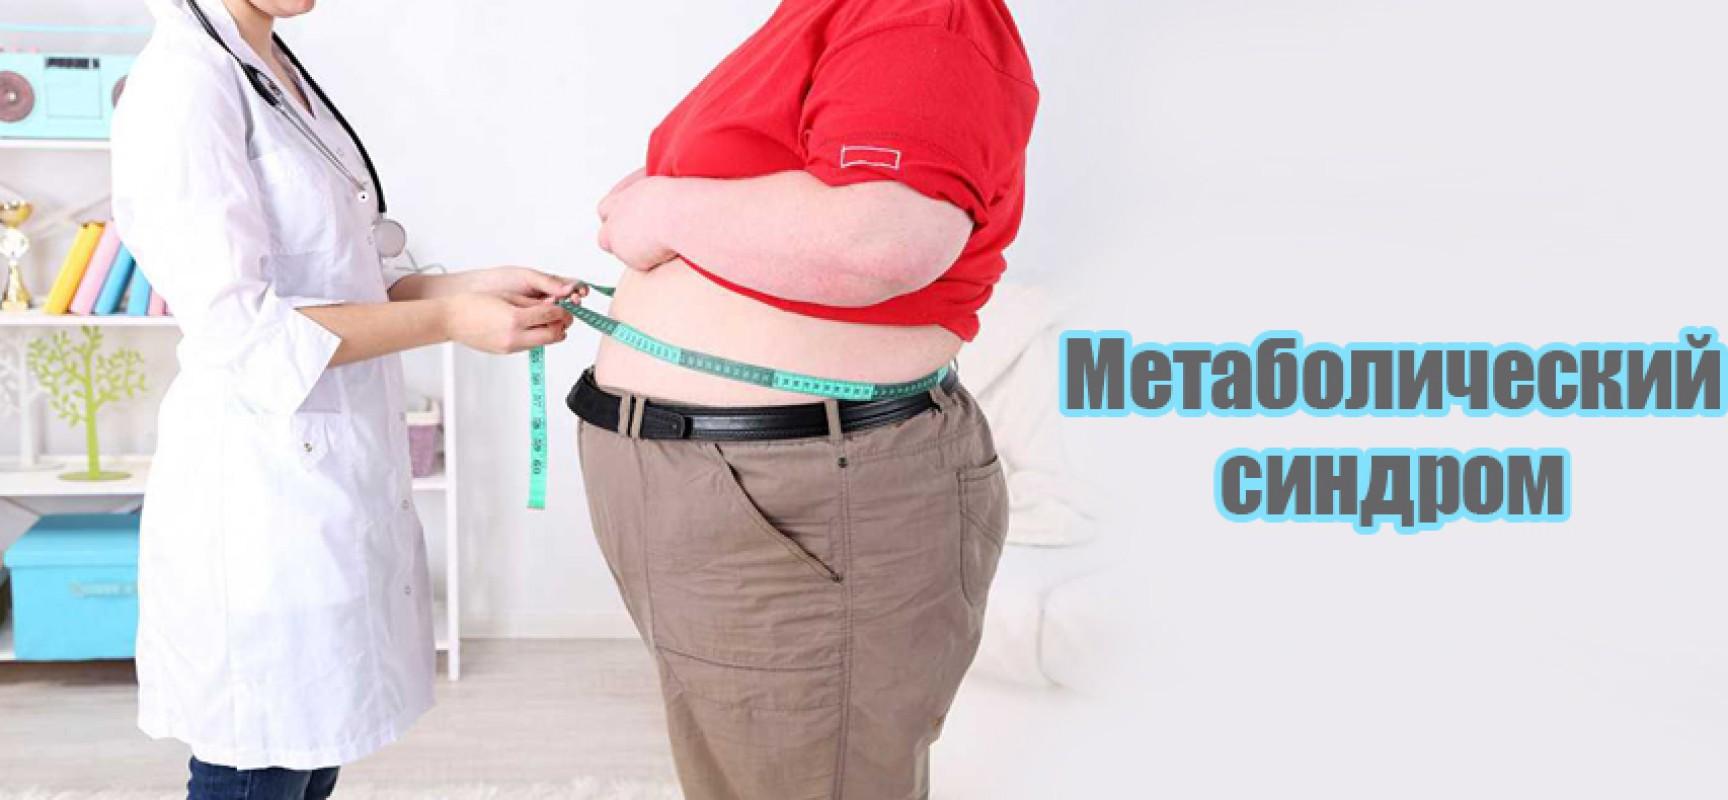 Метаболический синдром (ожирение)